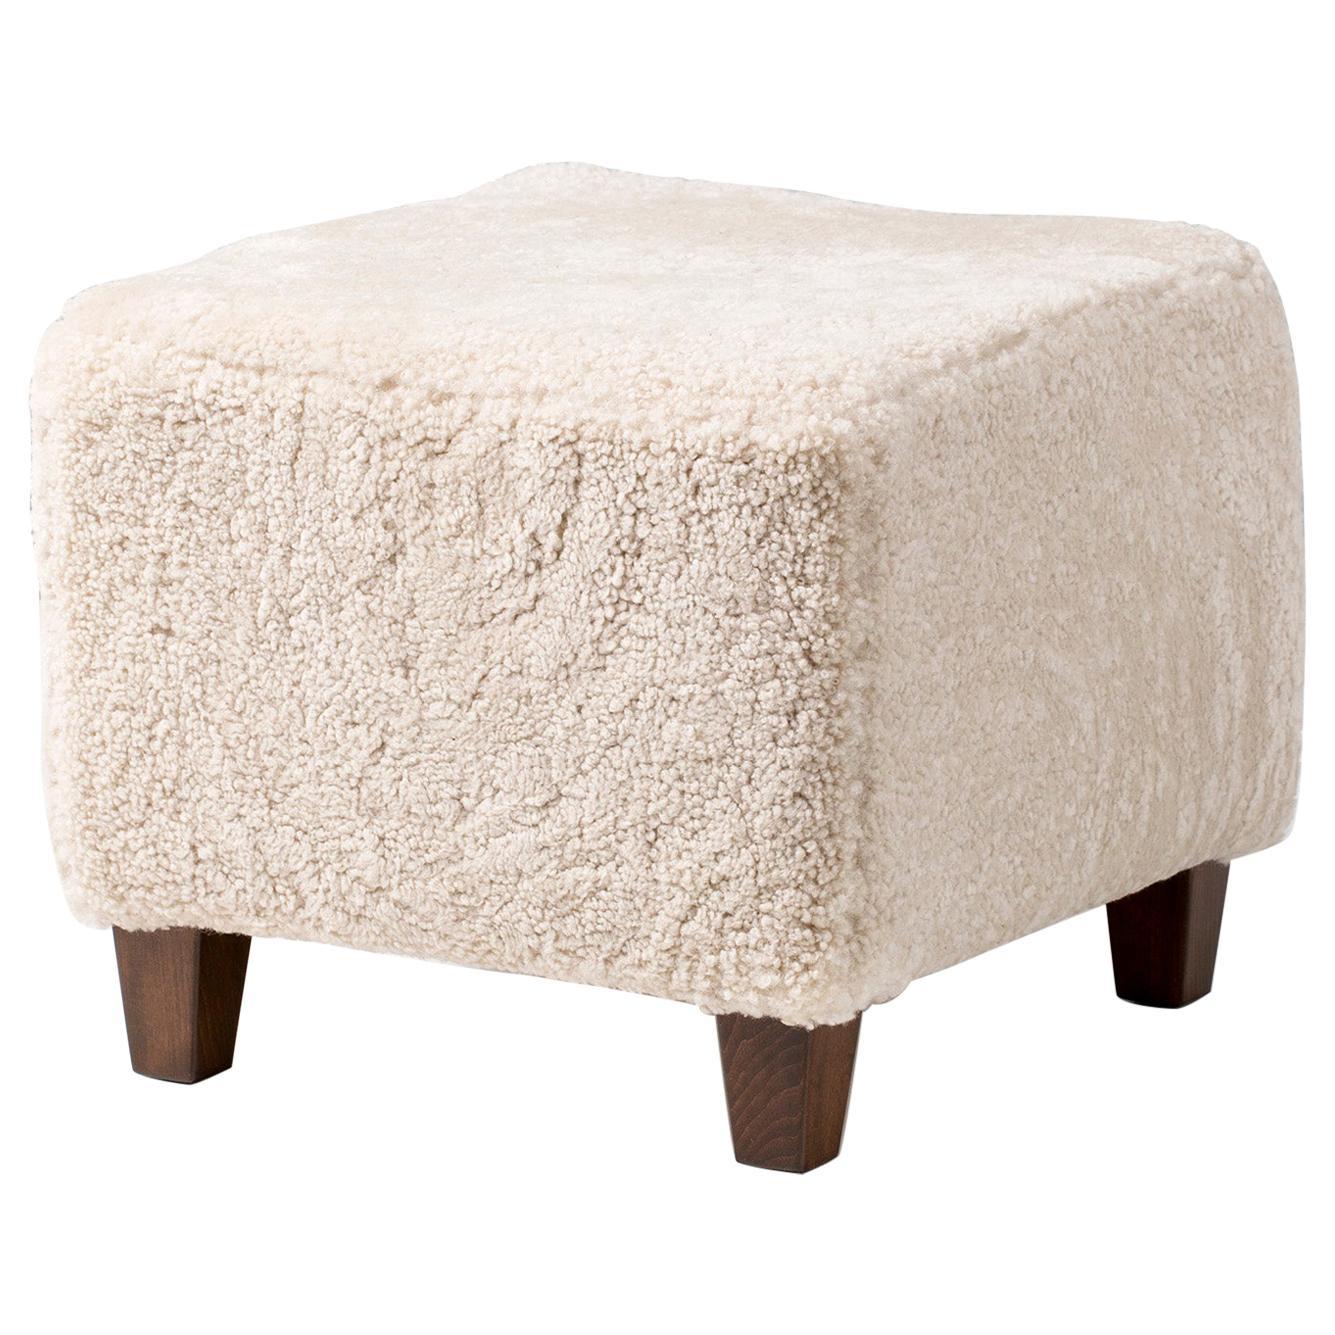 Dagmar Design Custom Made Sheepskin Ottoman